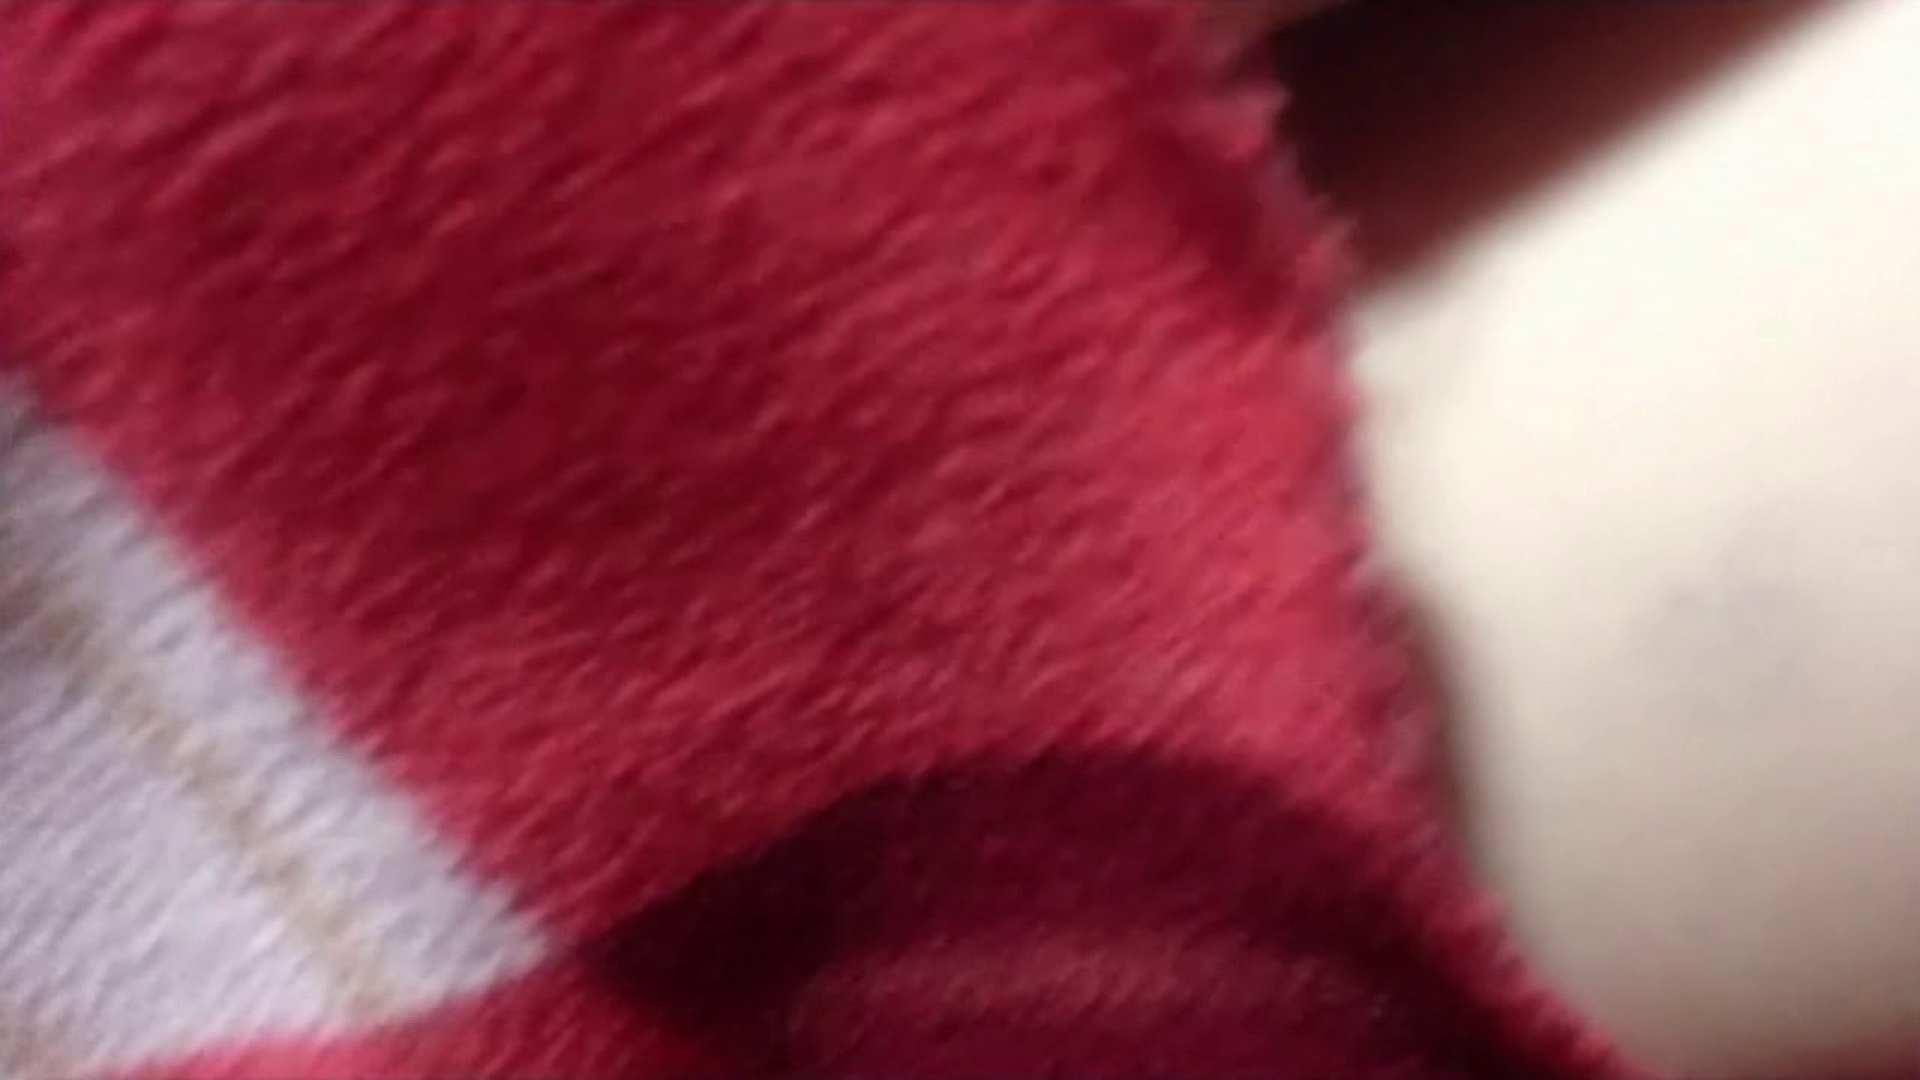 vol.16 【SNちゃん】某有名雑誌現役読者モデル お上品だけど天然 知人達のヌード   キャバ嬢達のヌード  94連発 28